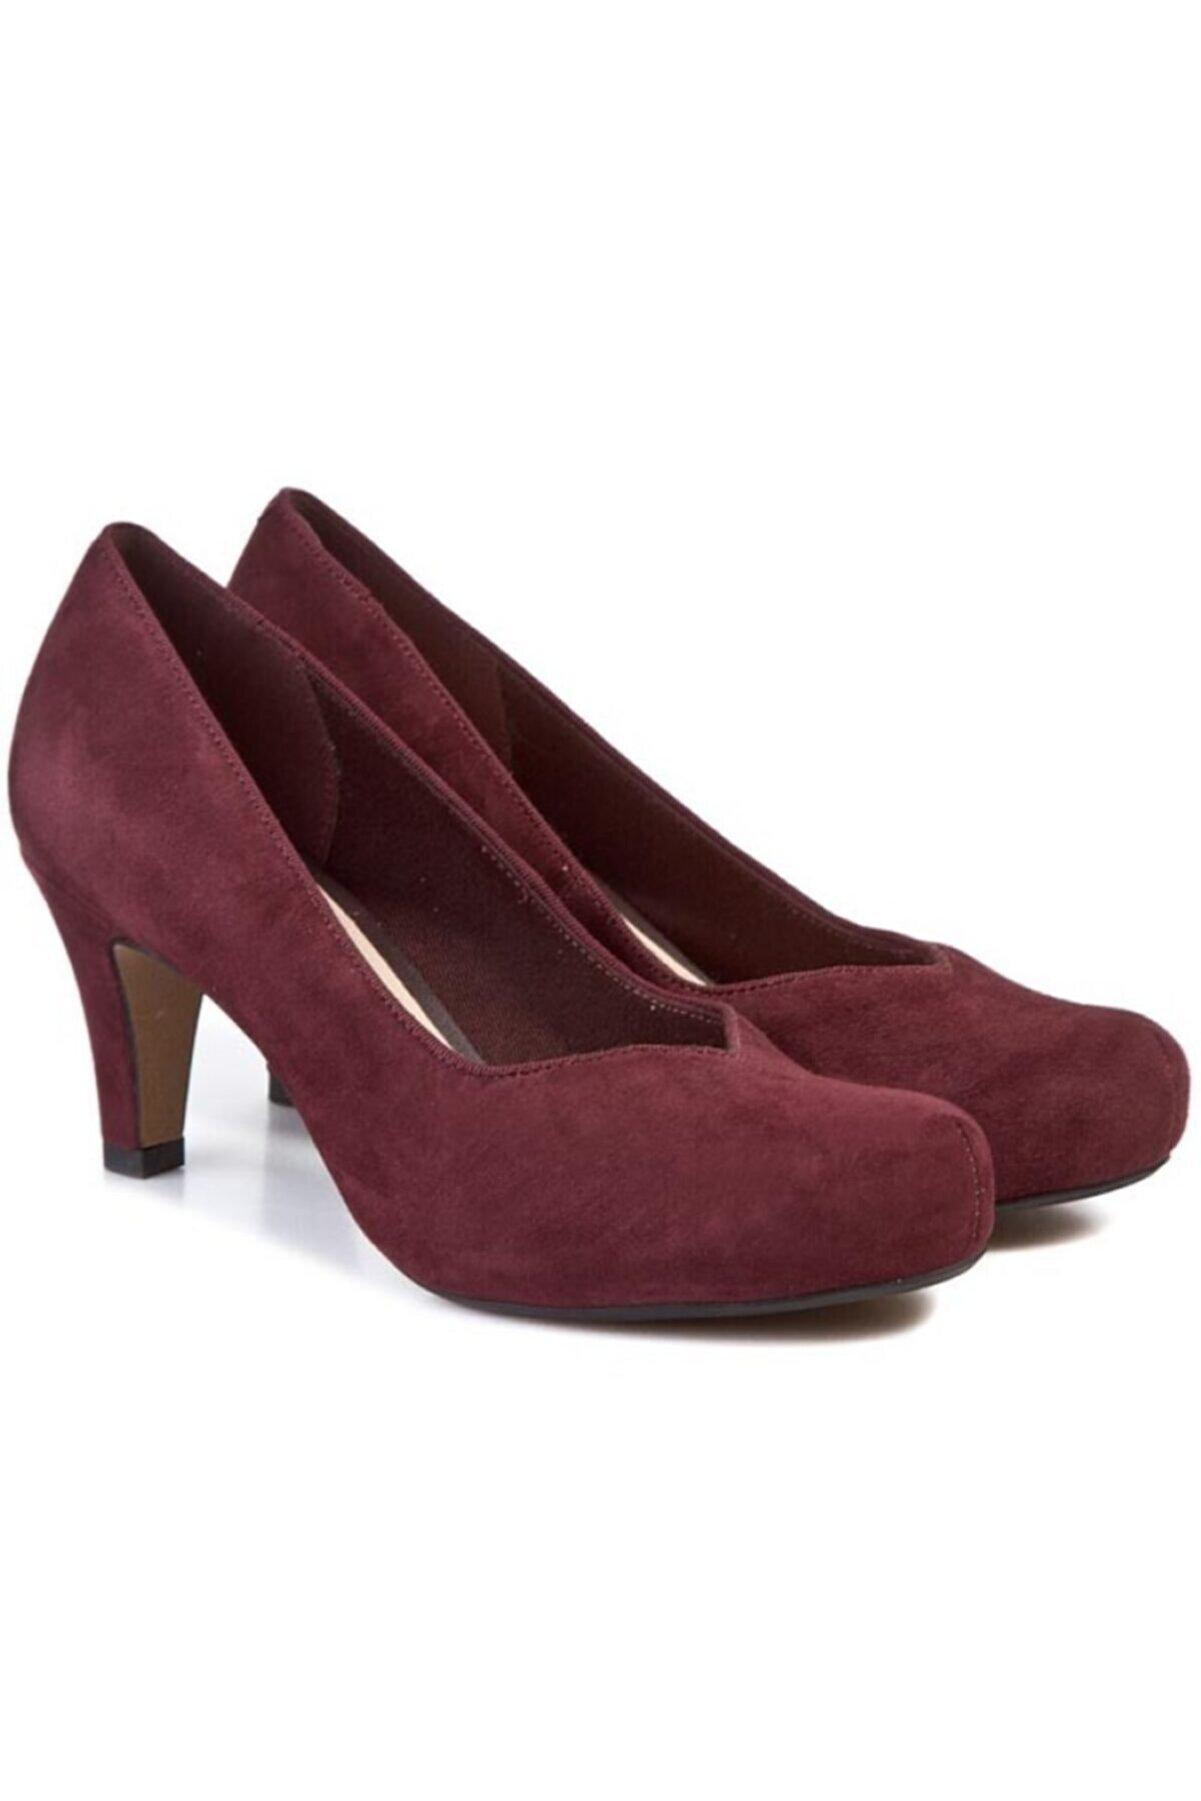 CLARKS Kadın Bordo Doğal Nubuk Topuk 7,5 cm Şık Ve Rahat Ayakkabı Ürün Adı Chorus Voice